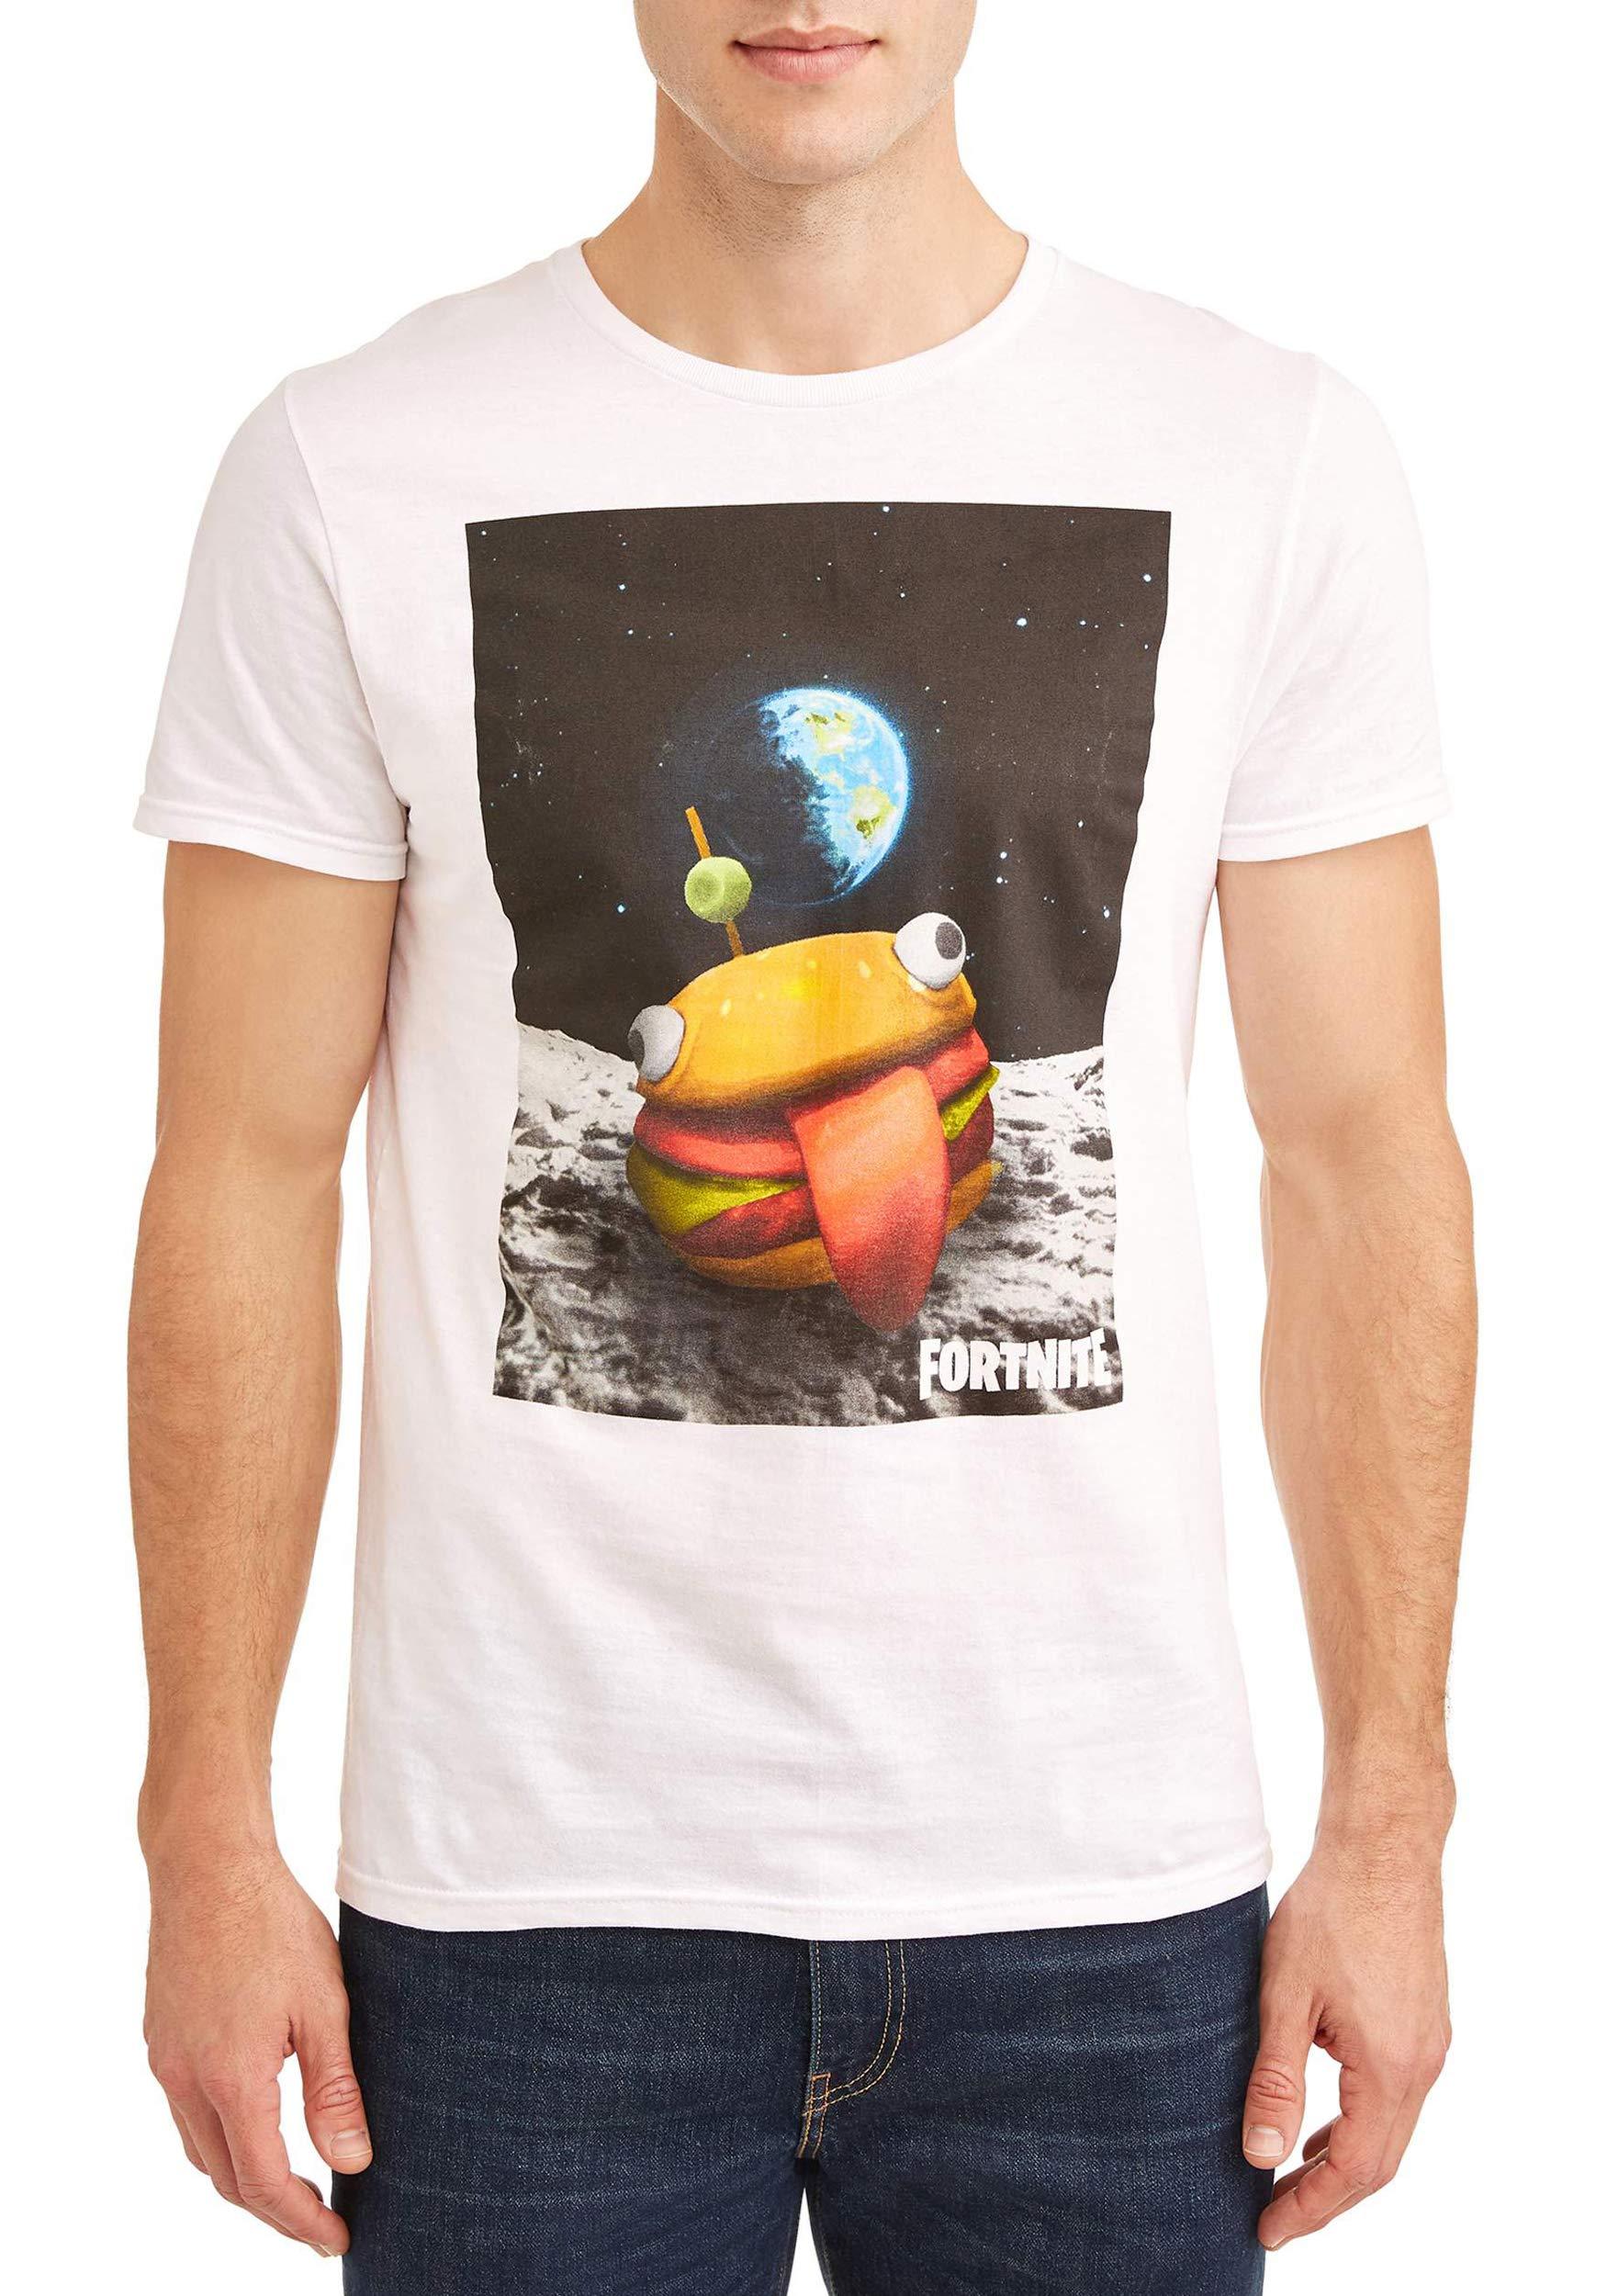 Durrr Burger Beef Boss Outer Space T Shirt 3409